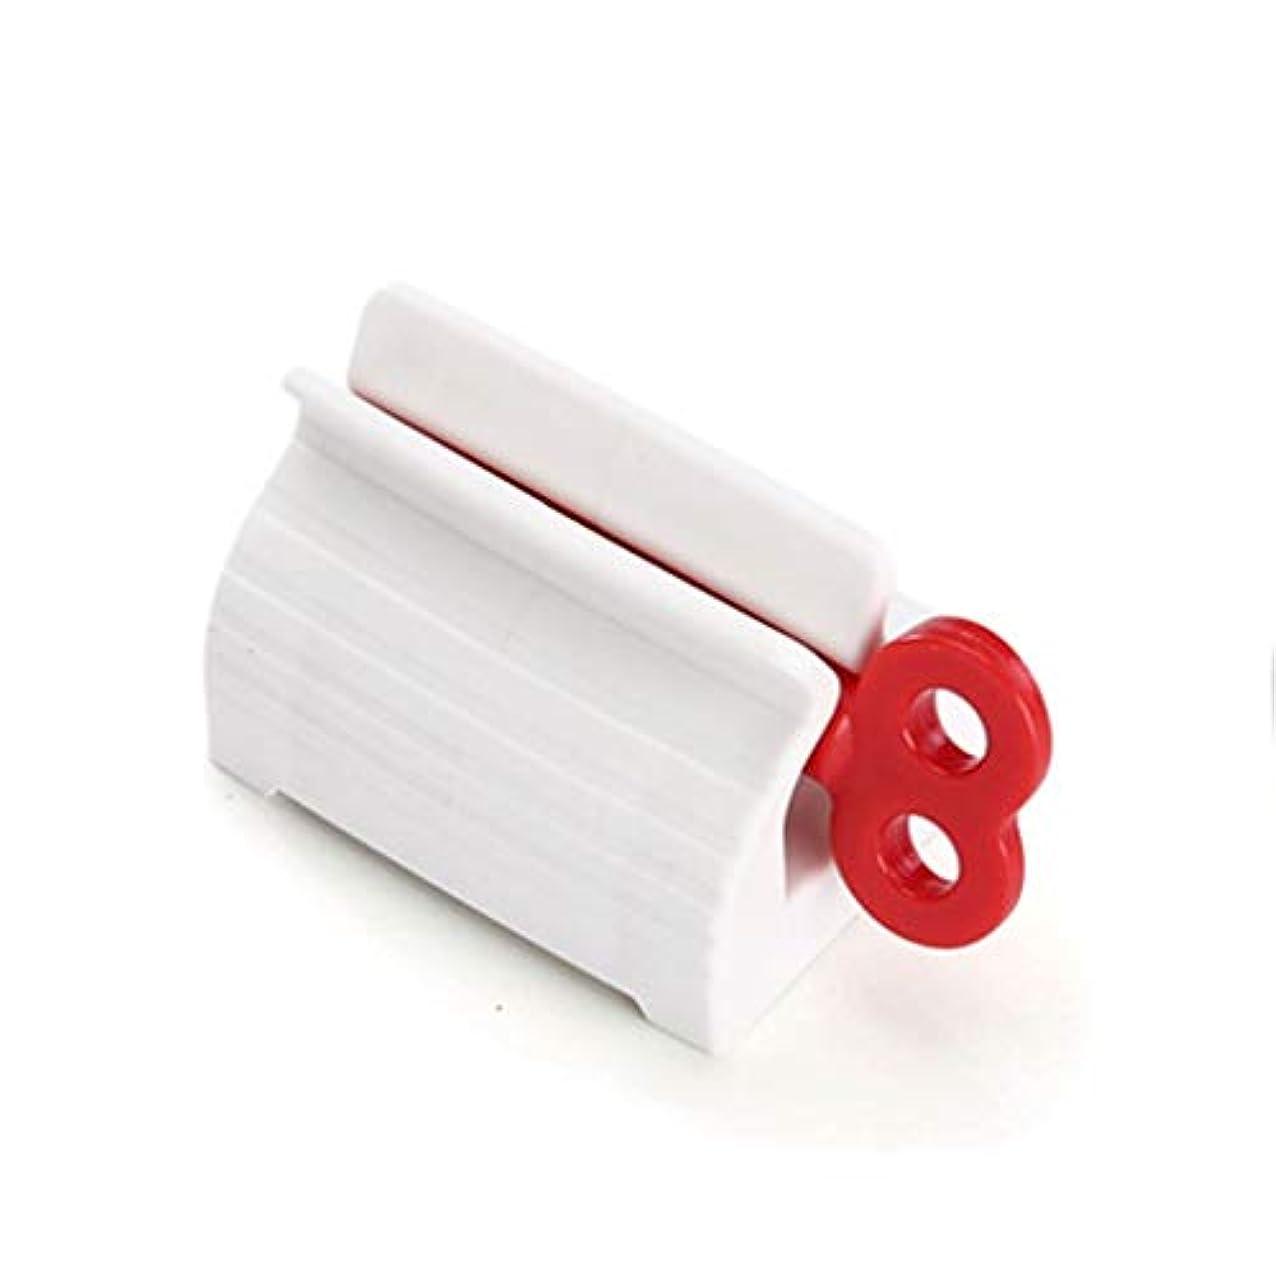 歩き回る記念品助手KOROWAチューブ絞り器 軟膏押出器 ハンドクリーム 歯磨き粉チューブスクイーザー